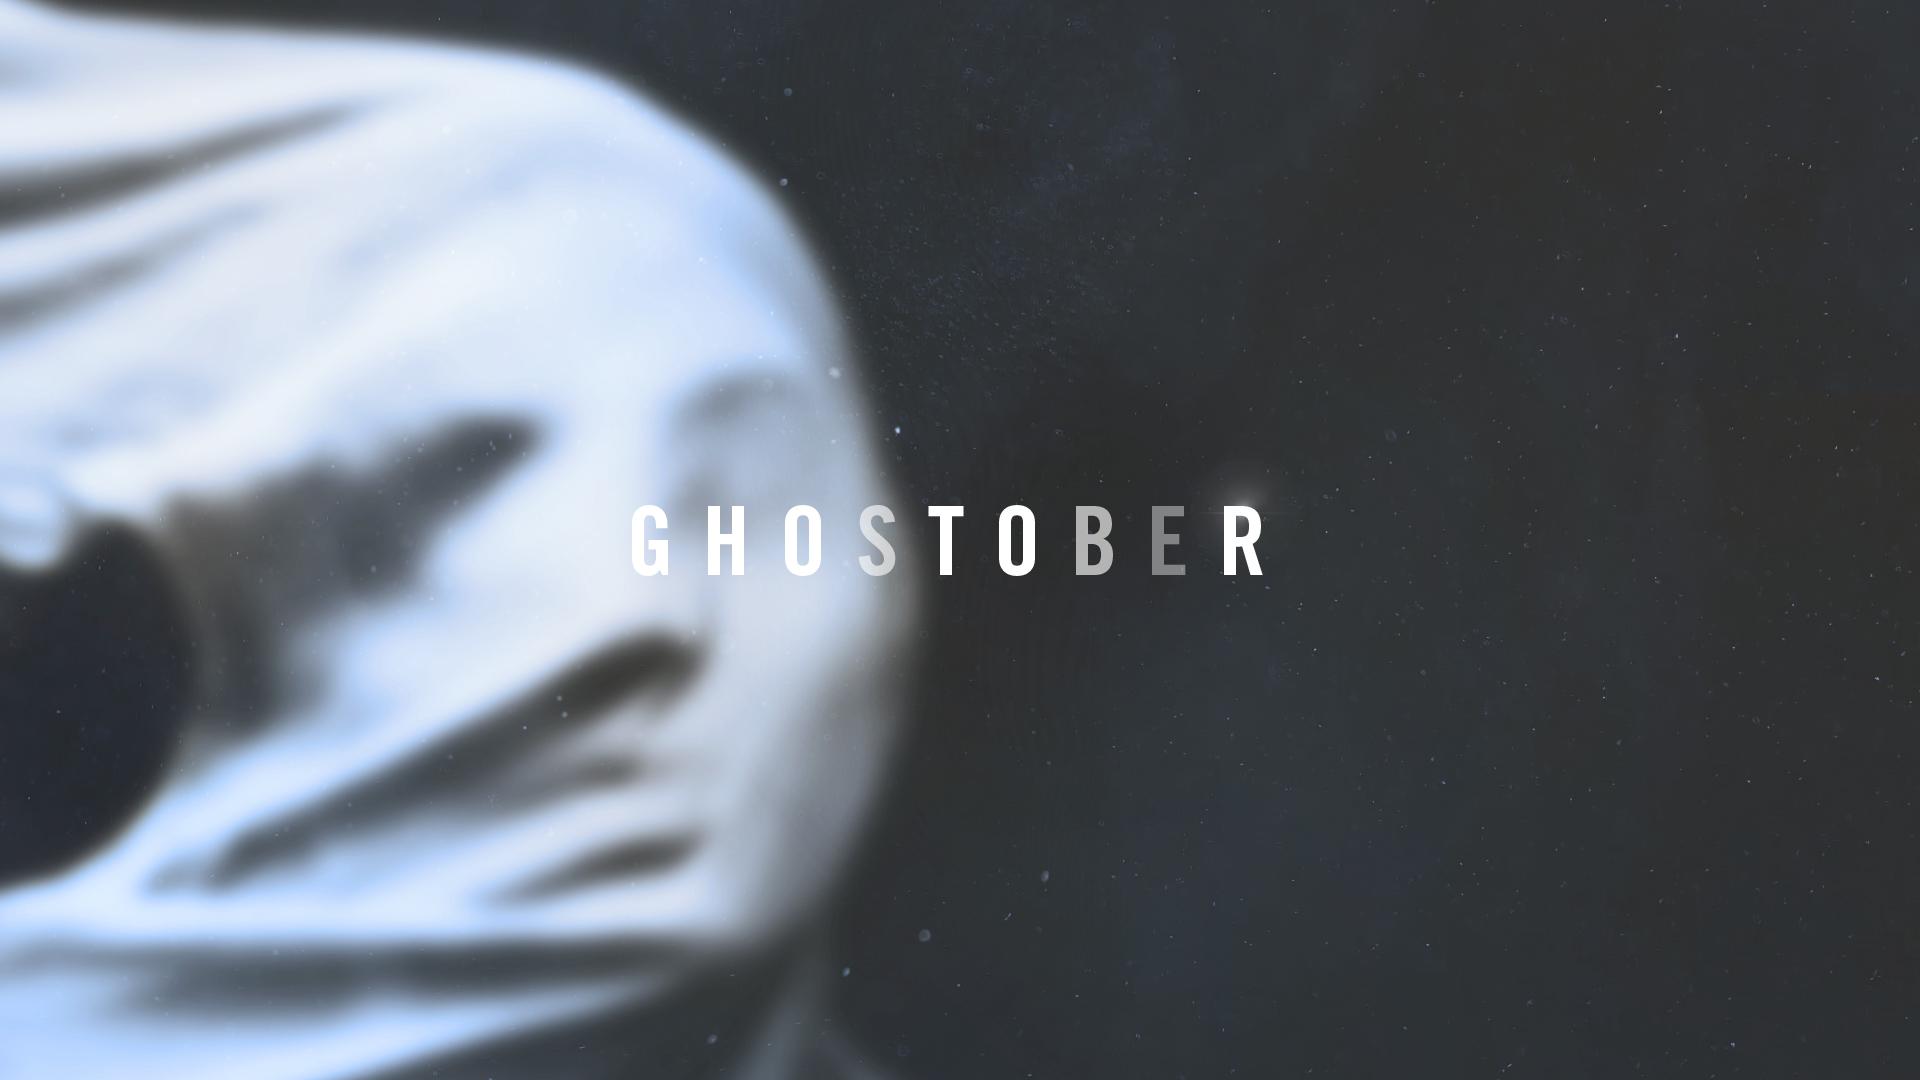 TC_03_Ghostober_v001.jpg